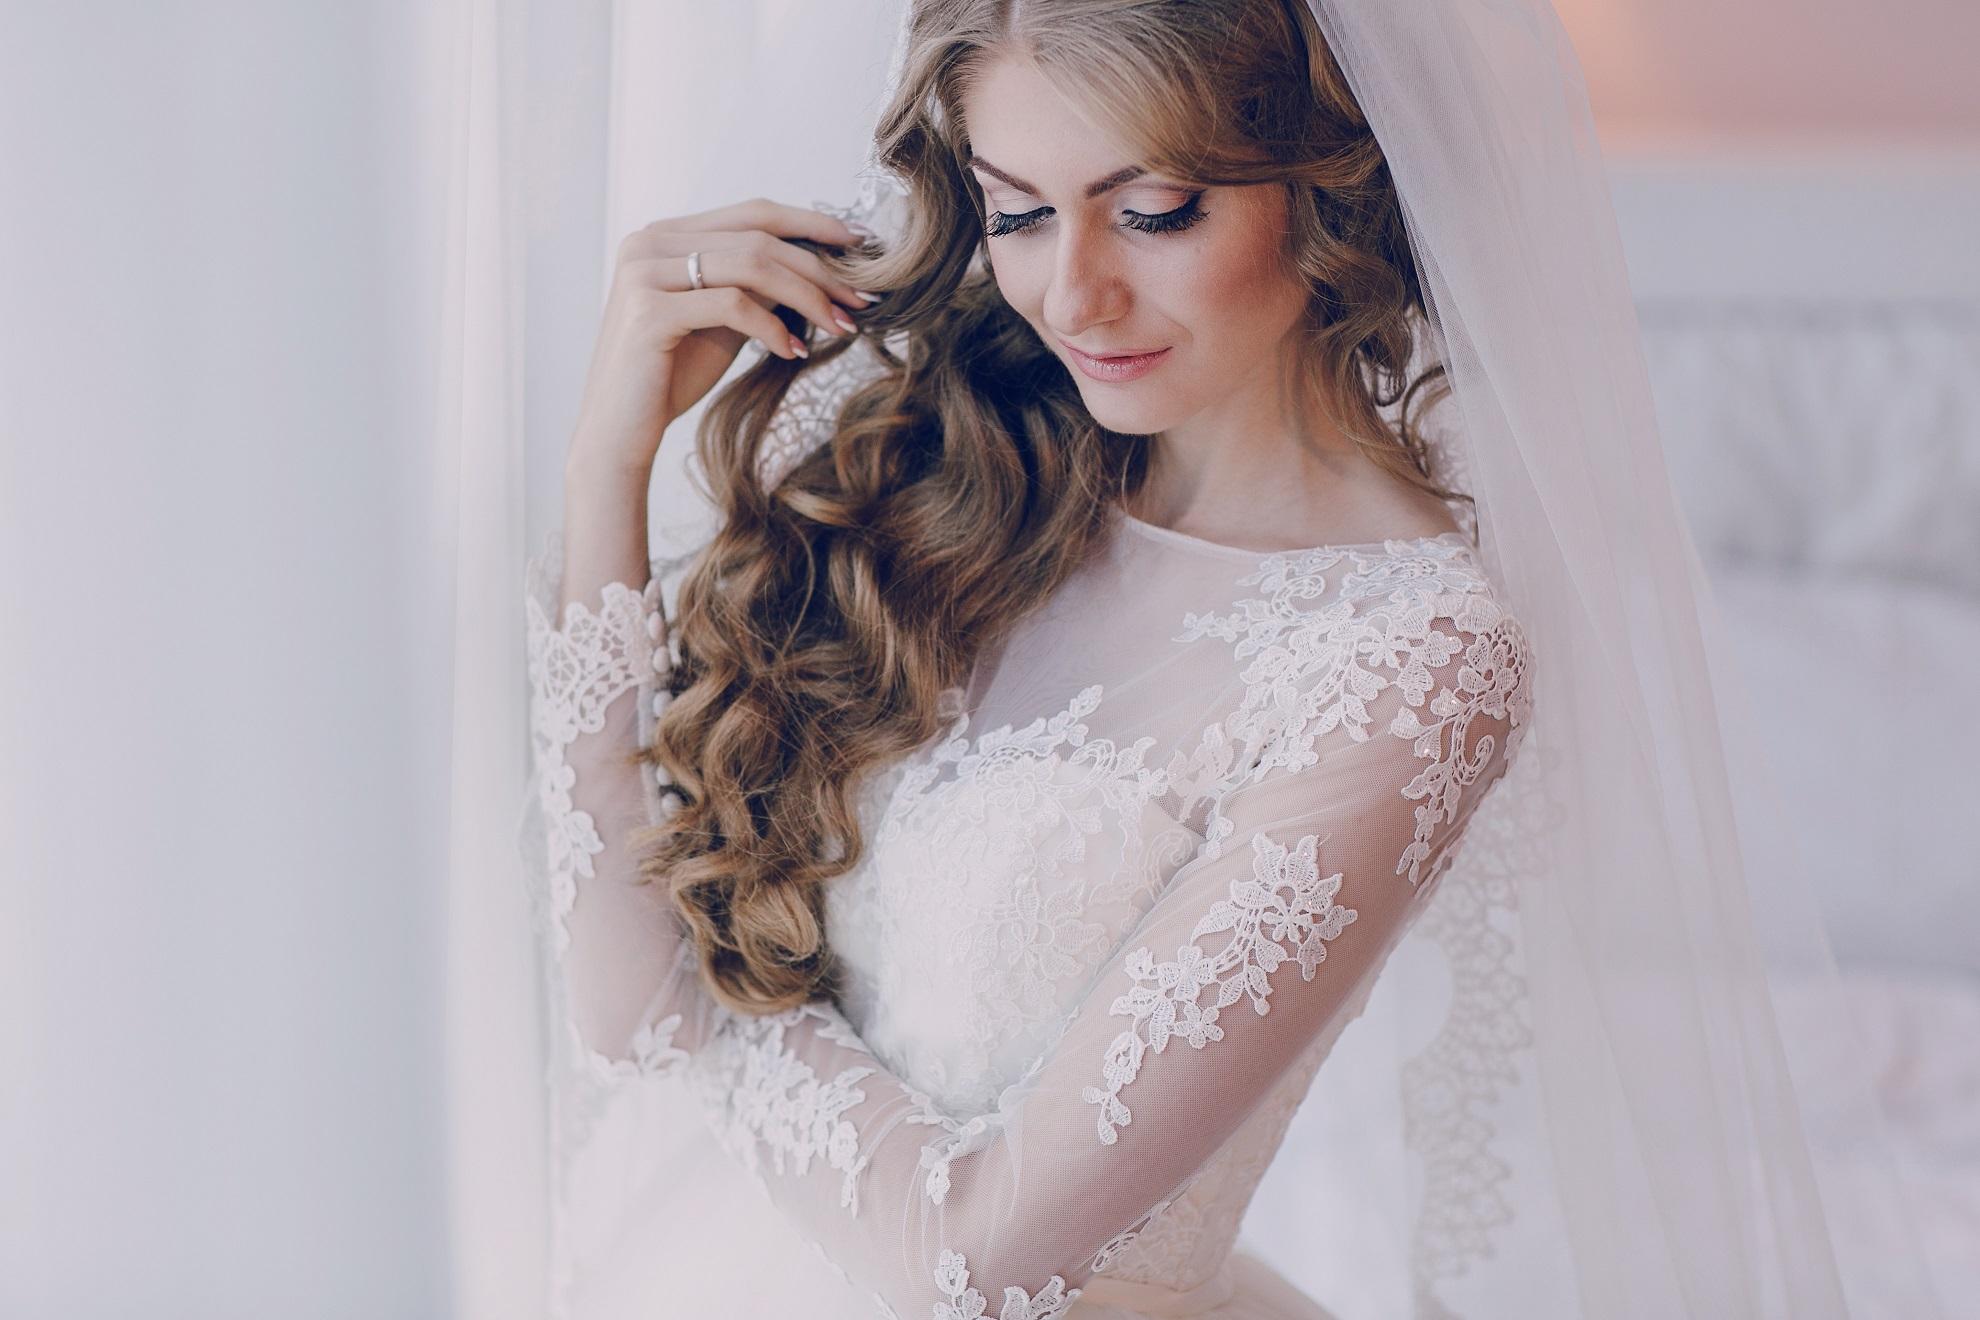 6a8116b93dff7 冬の結婚式……冬に似合うウェディングドレスで冬の結婚式をエンジョイしま ...